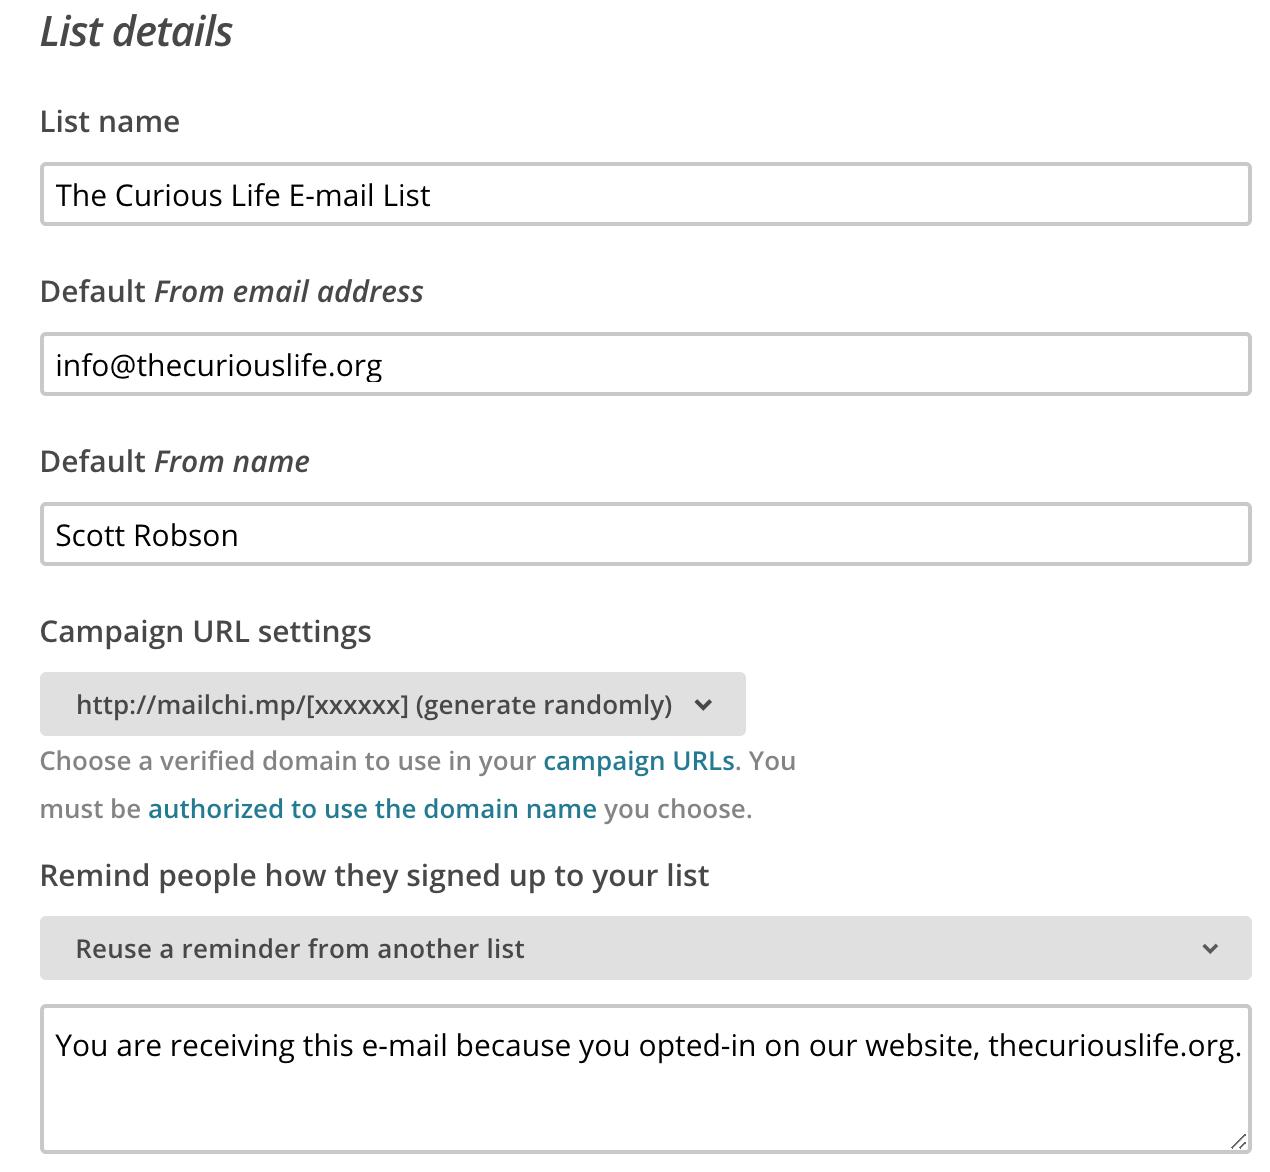 Mailchimp basics list details The Curious Life